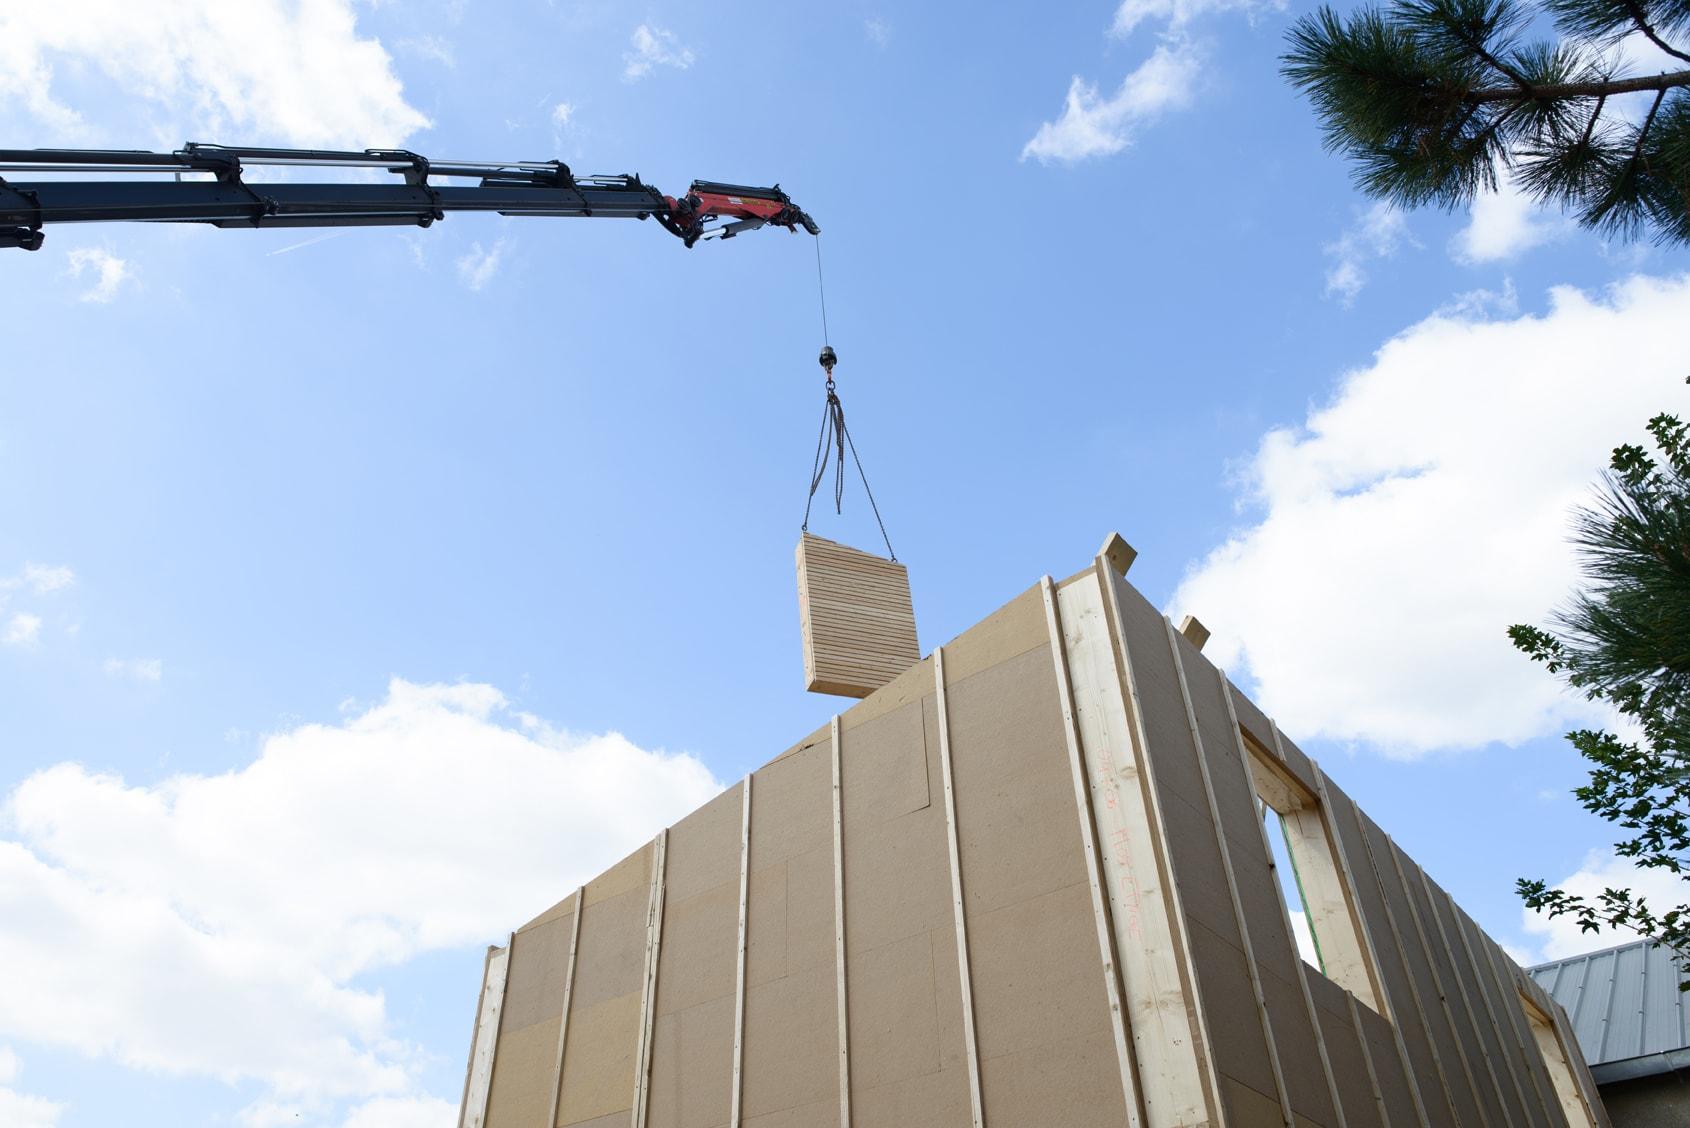 construction hors site Agilcare Maison qui déménage